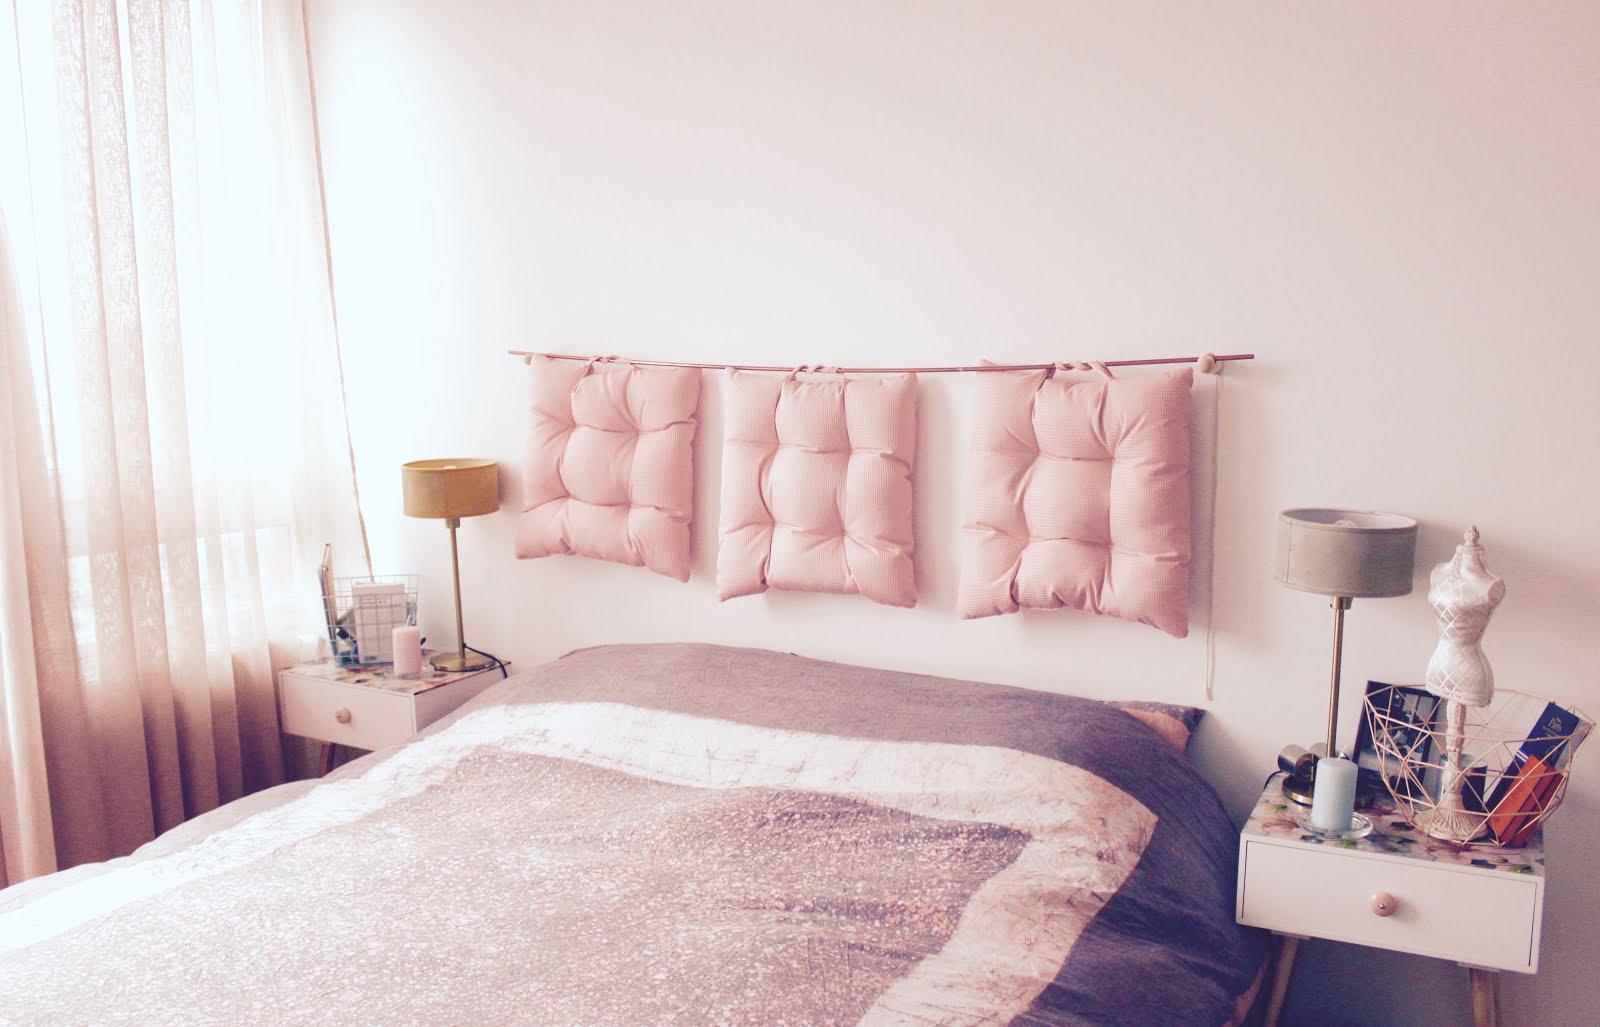 Inspiration déco — Une chambre Rose Quartz - trop chic, pas cher